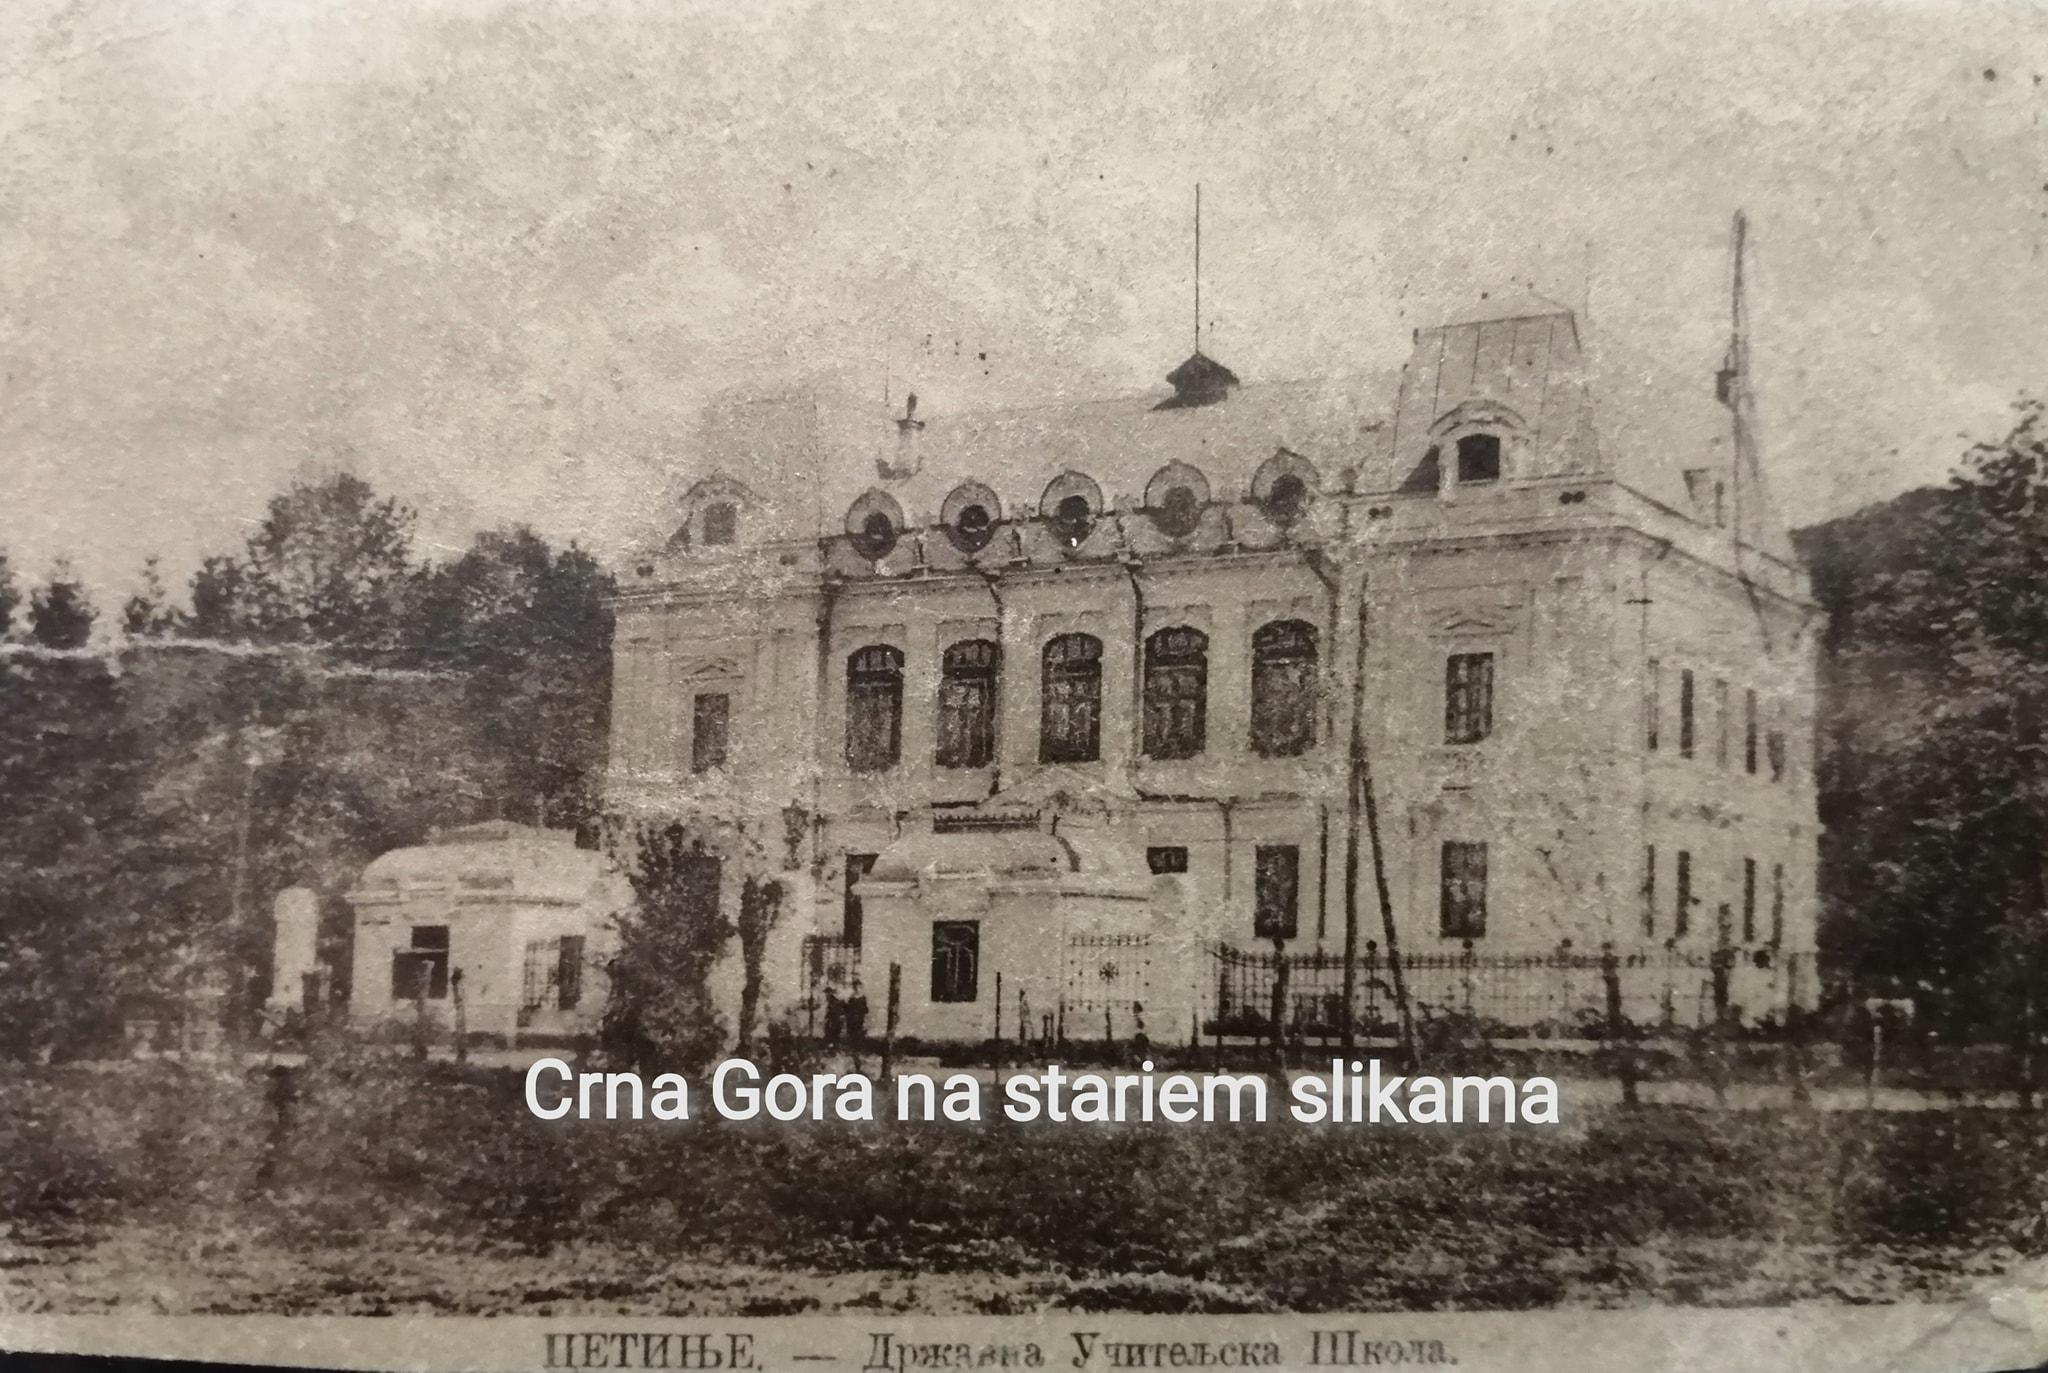 Rusko poslanstvo u Cetinje